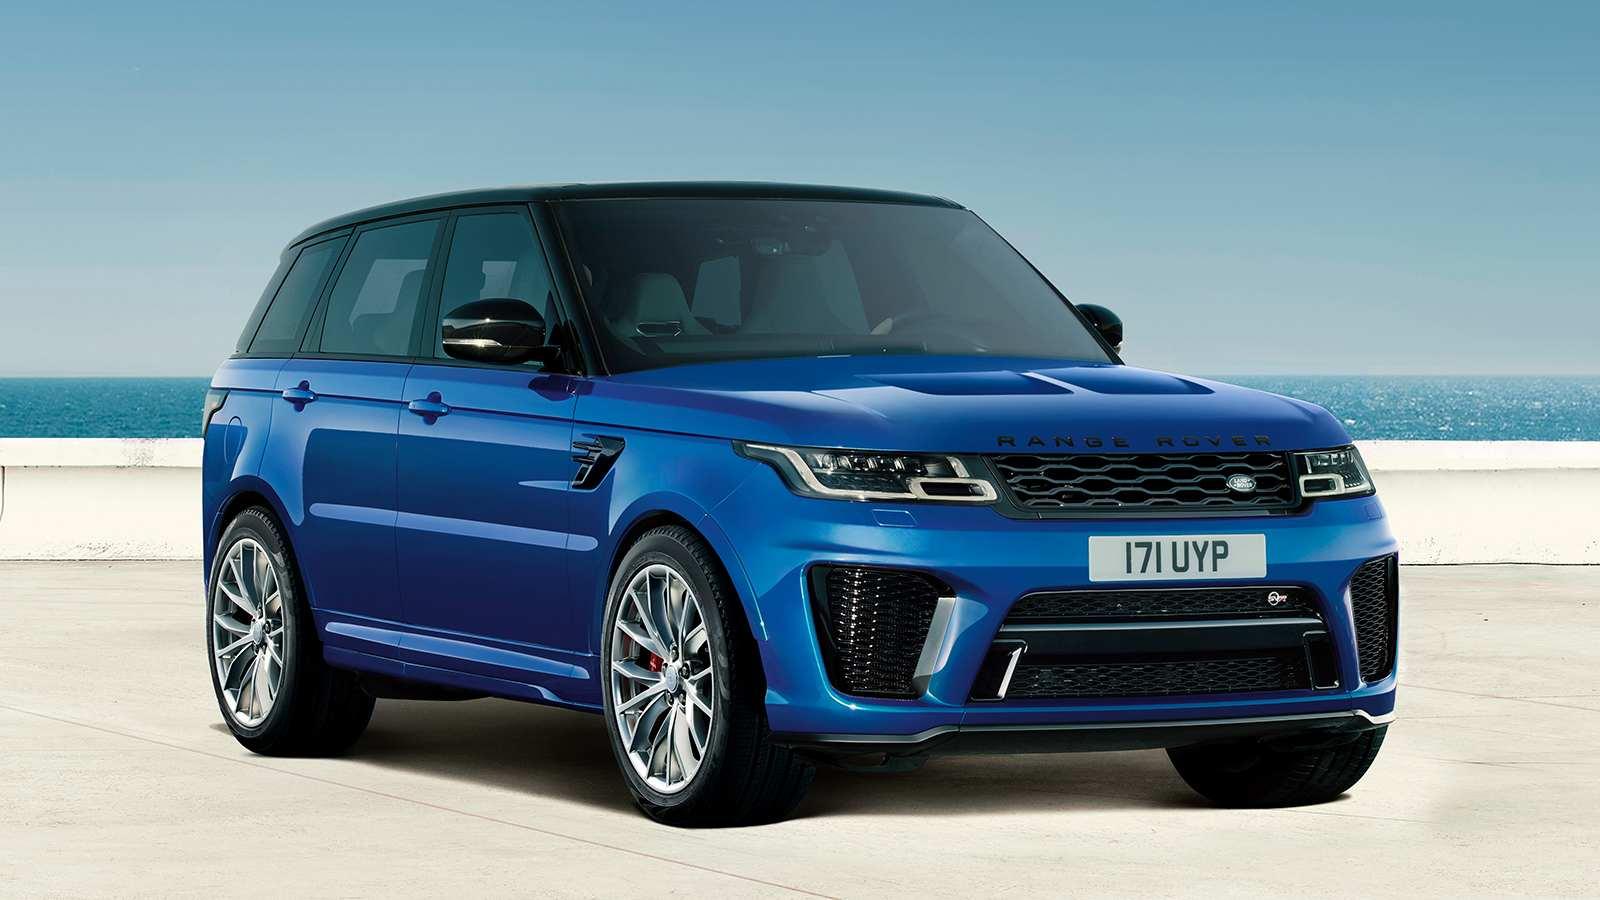 El Range Rover Sport SVR 2021 puede pasar de 0 a 100 km / h en 4,5 segundos.  Imagen: Land Rover